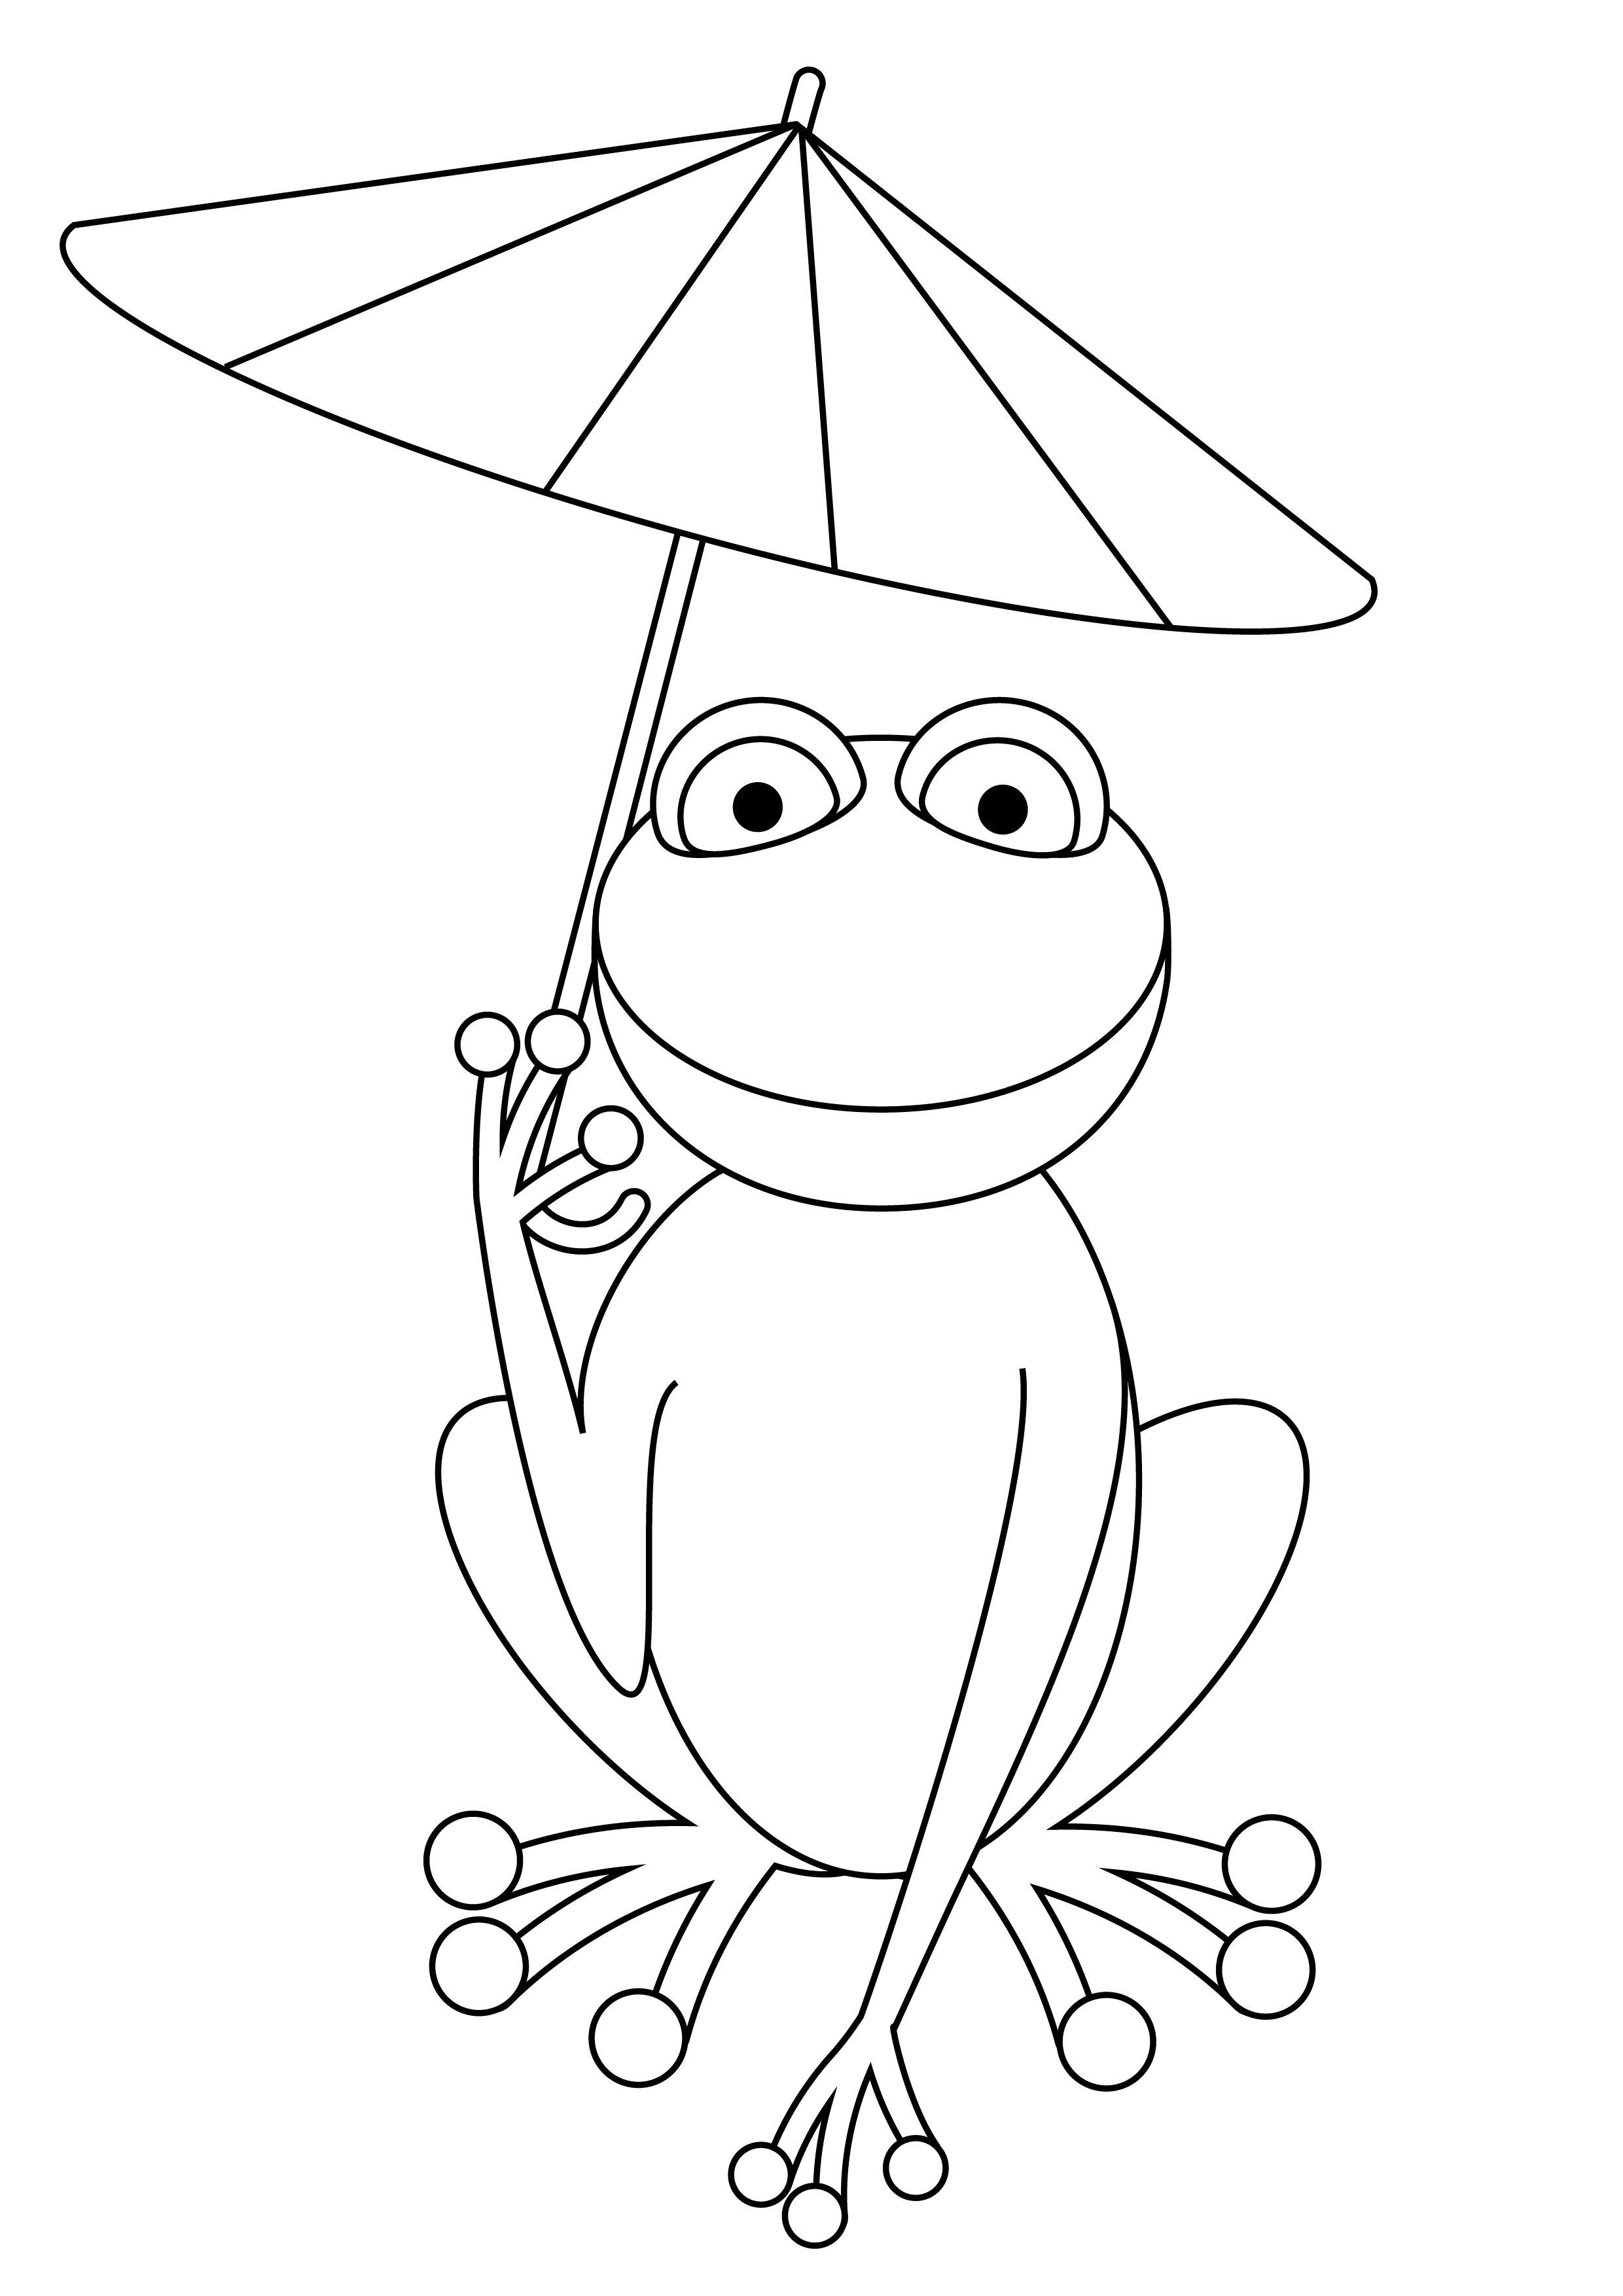 Coloriage grenouille marrante à imprimer